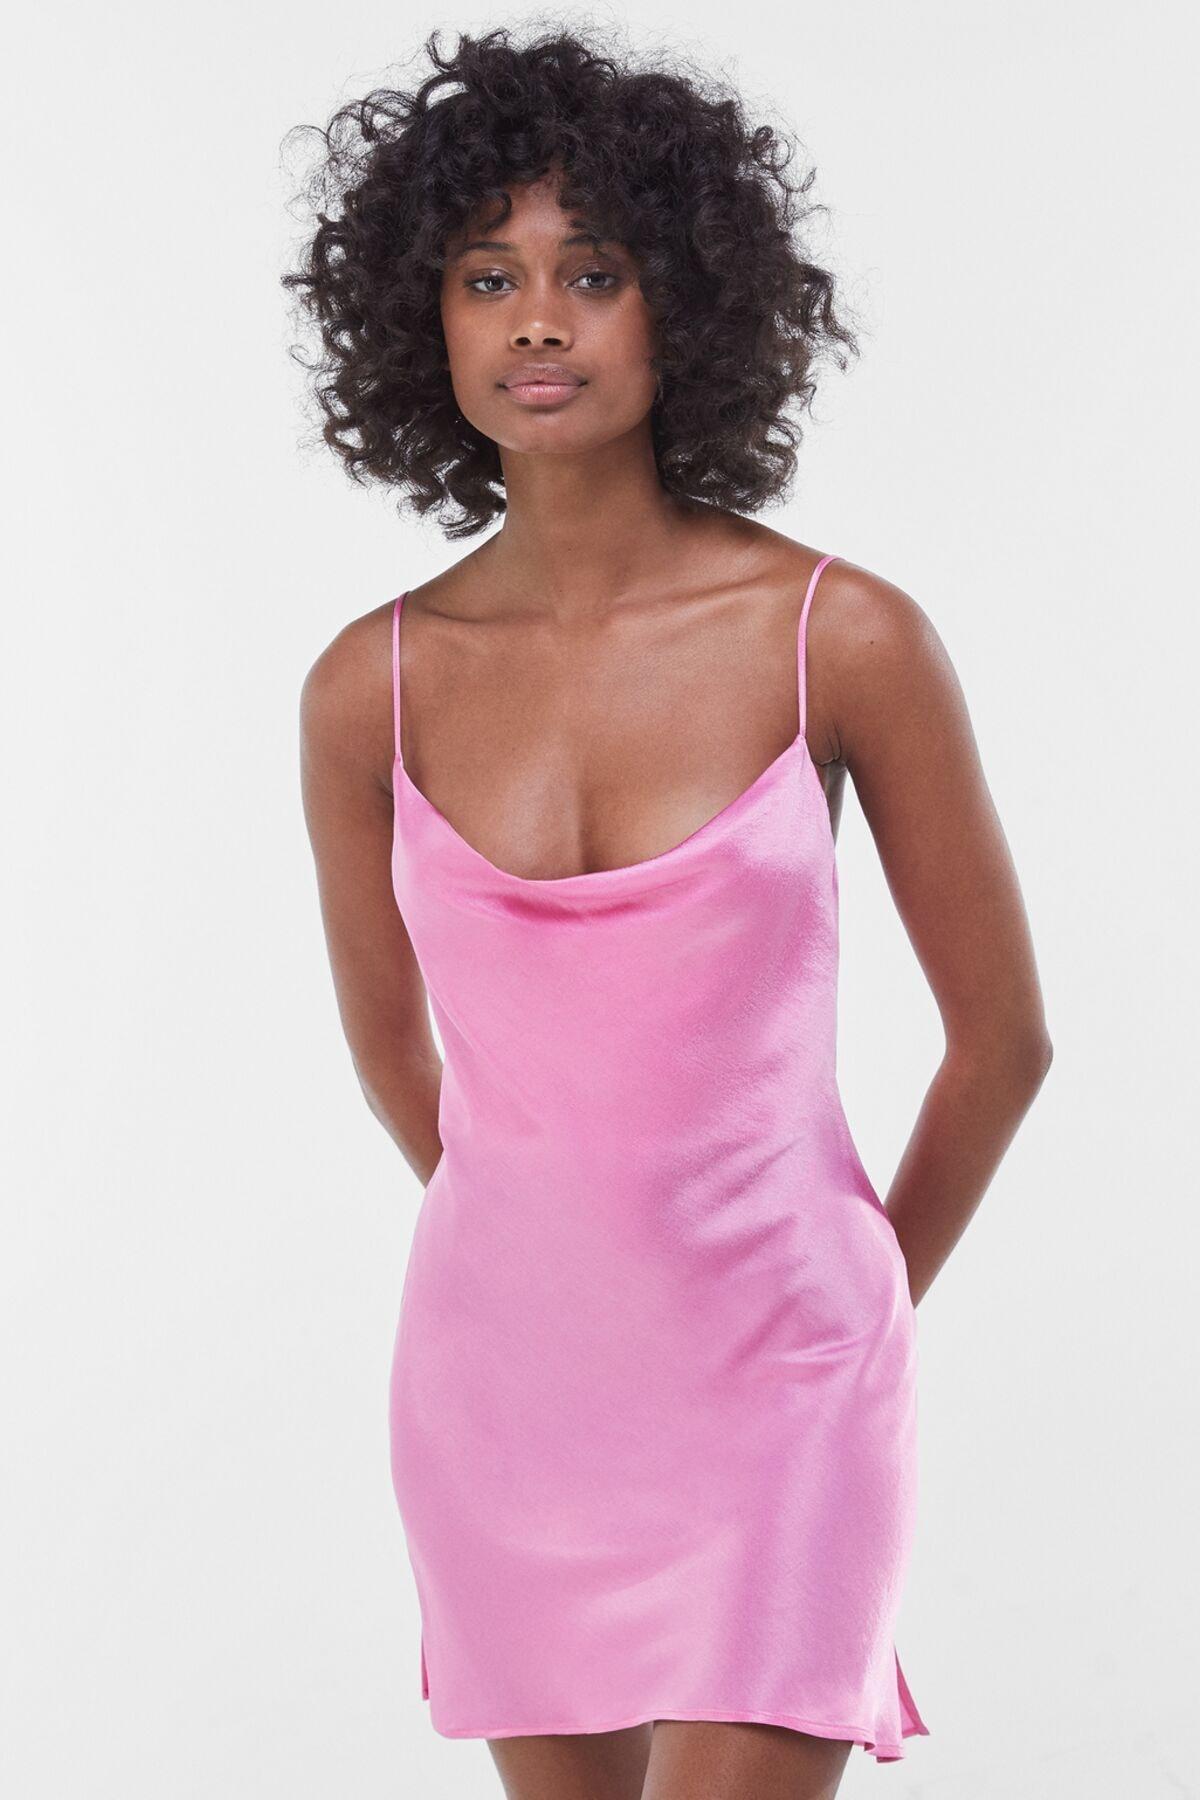 Bershka Kadın Fuşya Saten Mini Slip Elbise 00581168 0